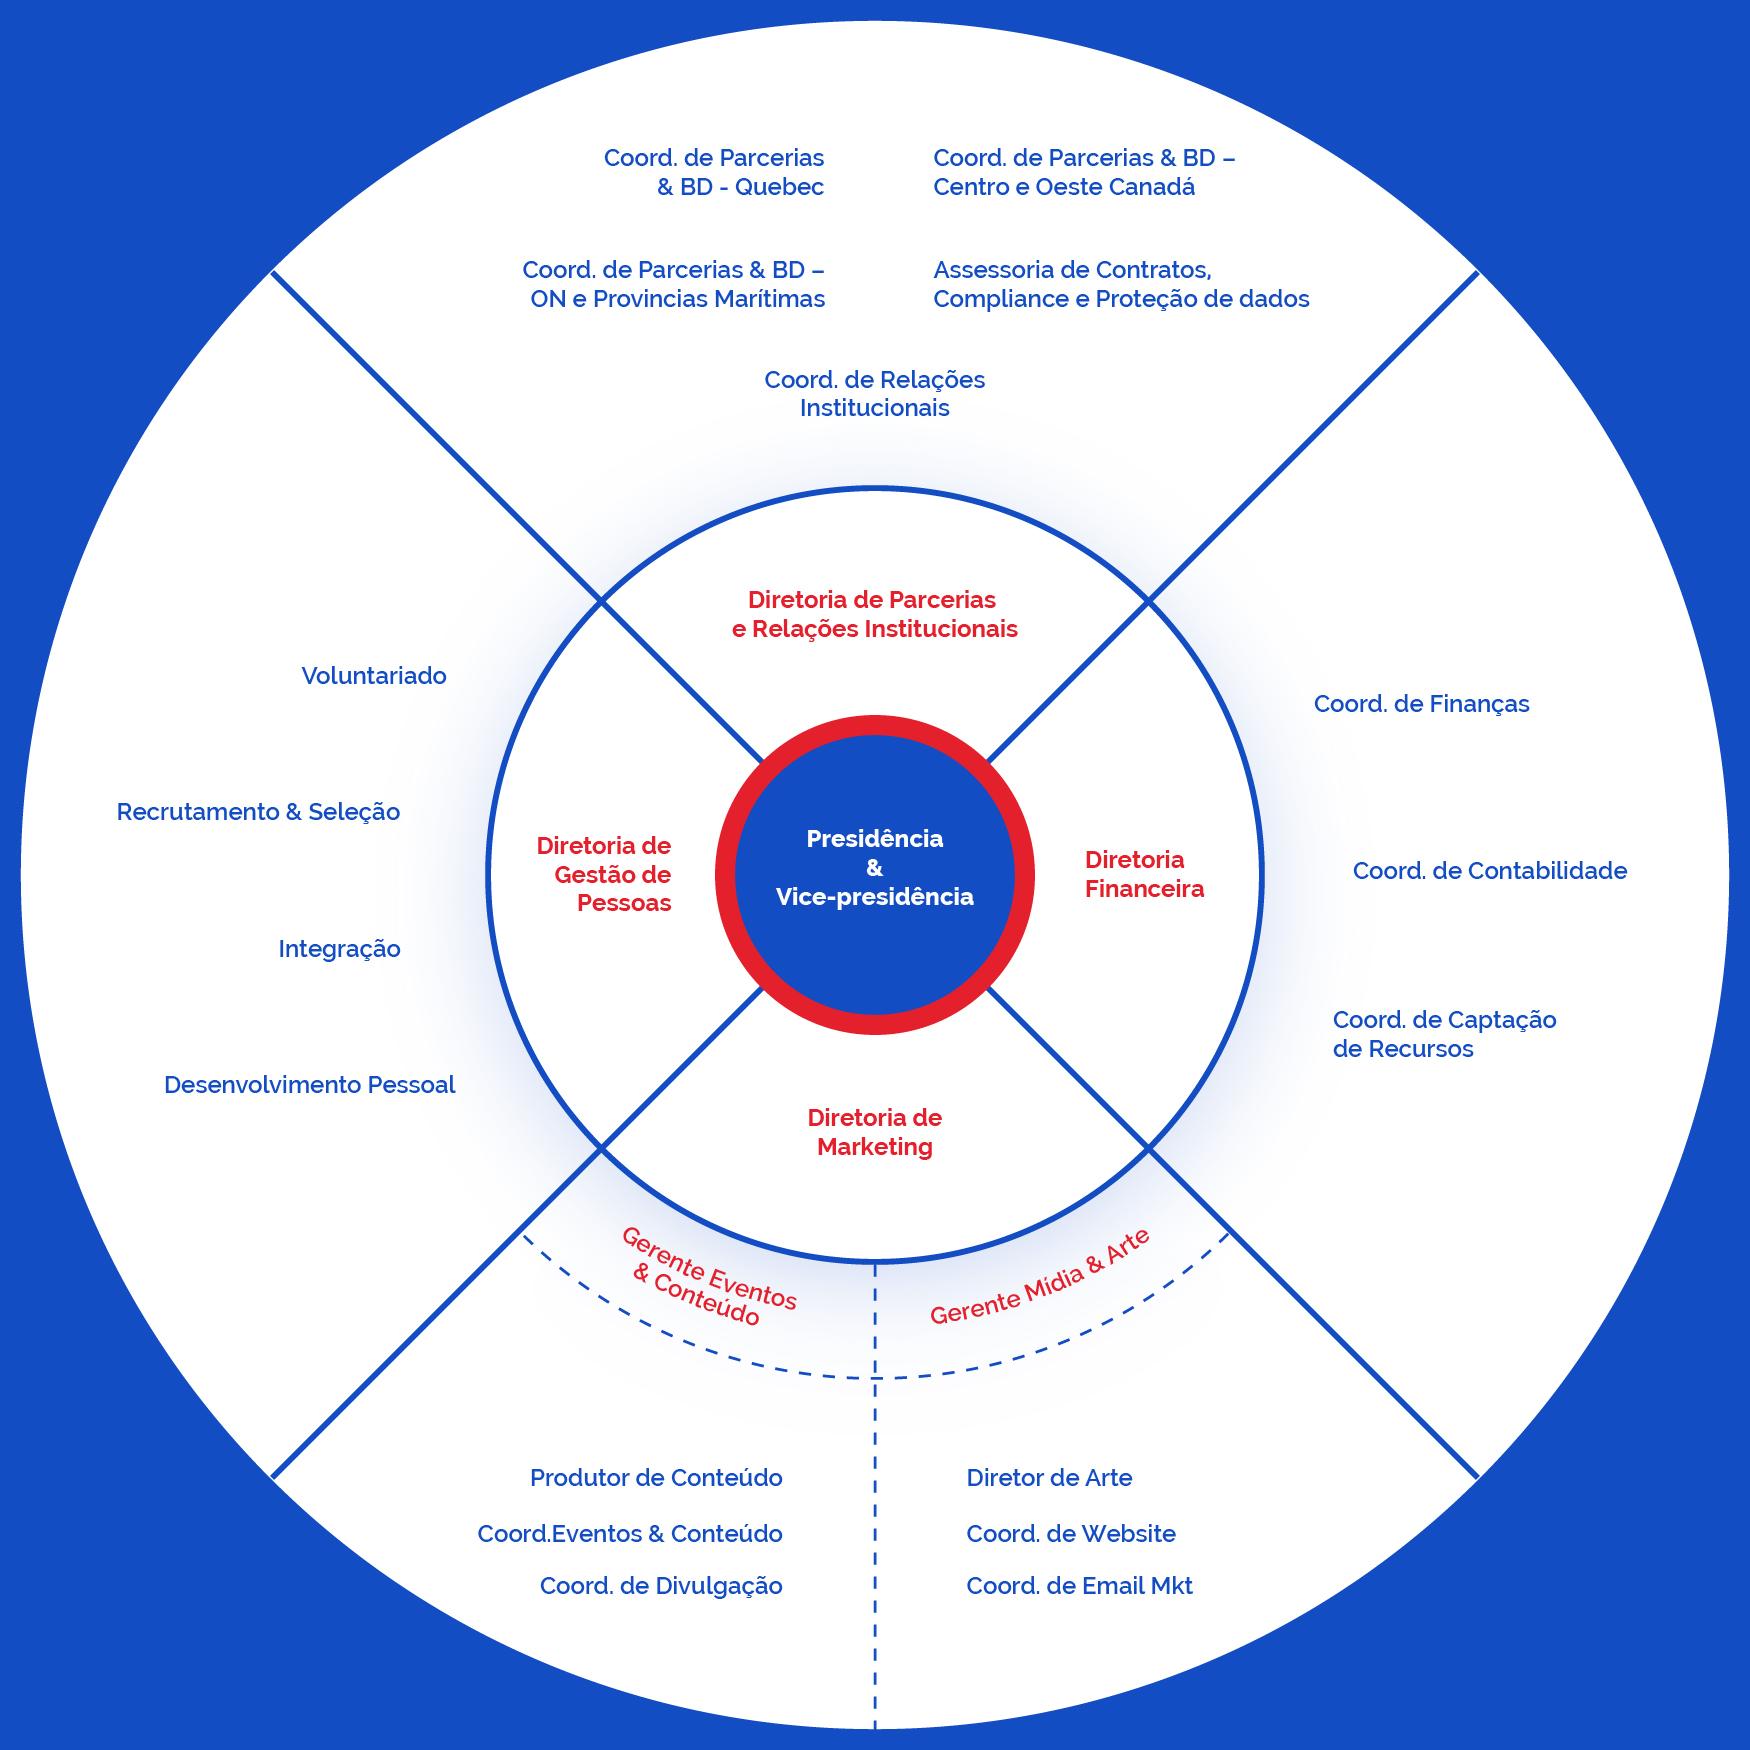 Imagem do Organograma da rede